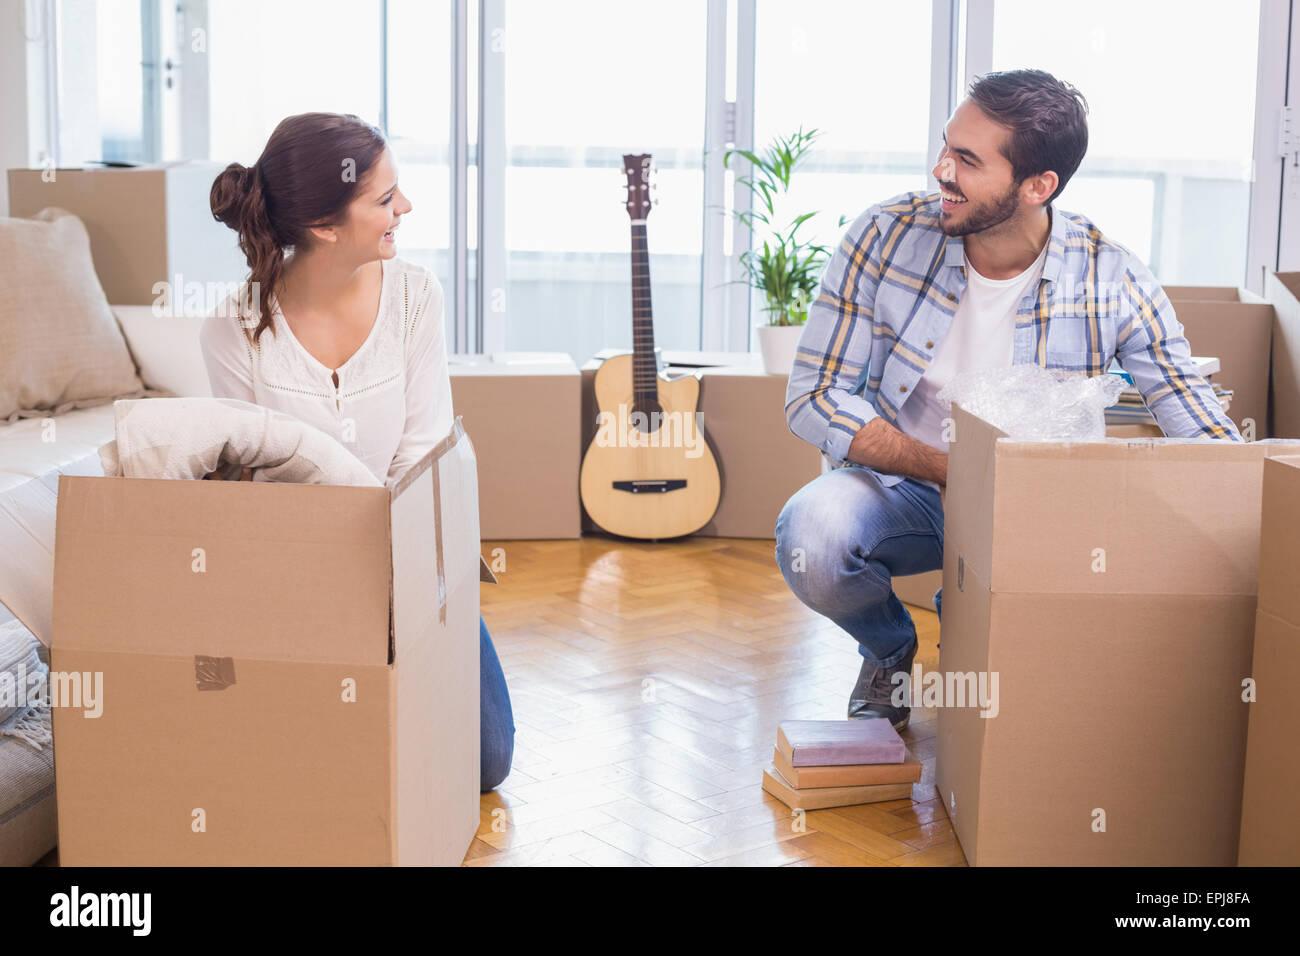 Carino coppia disimballaggio di scatole di cartone Immagini Stock